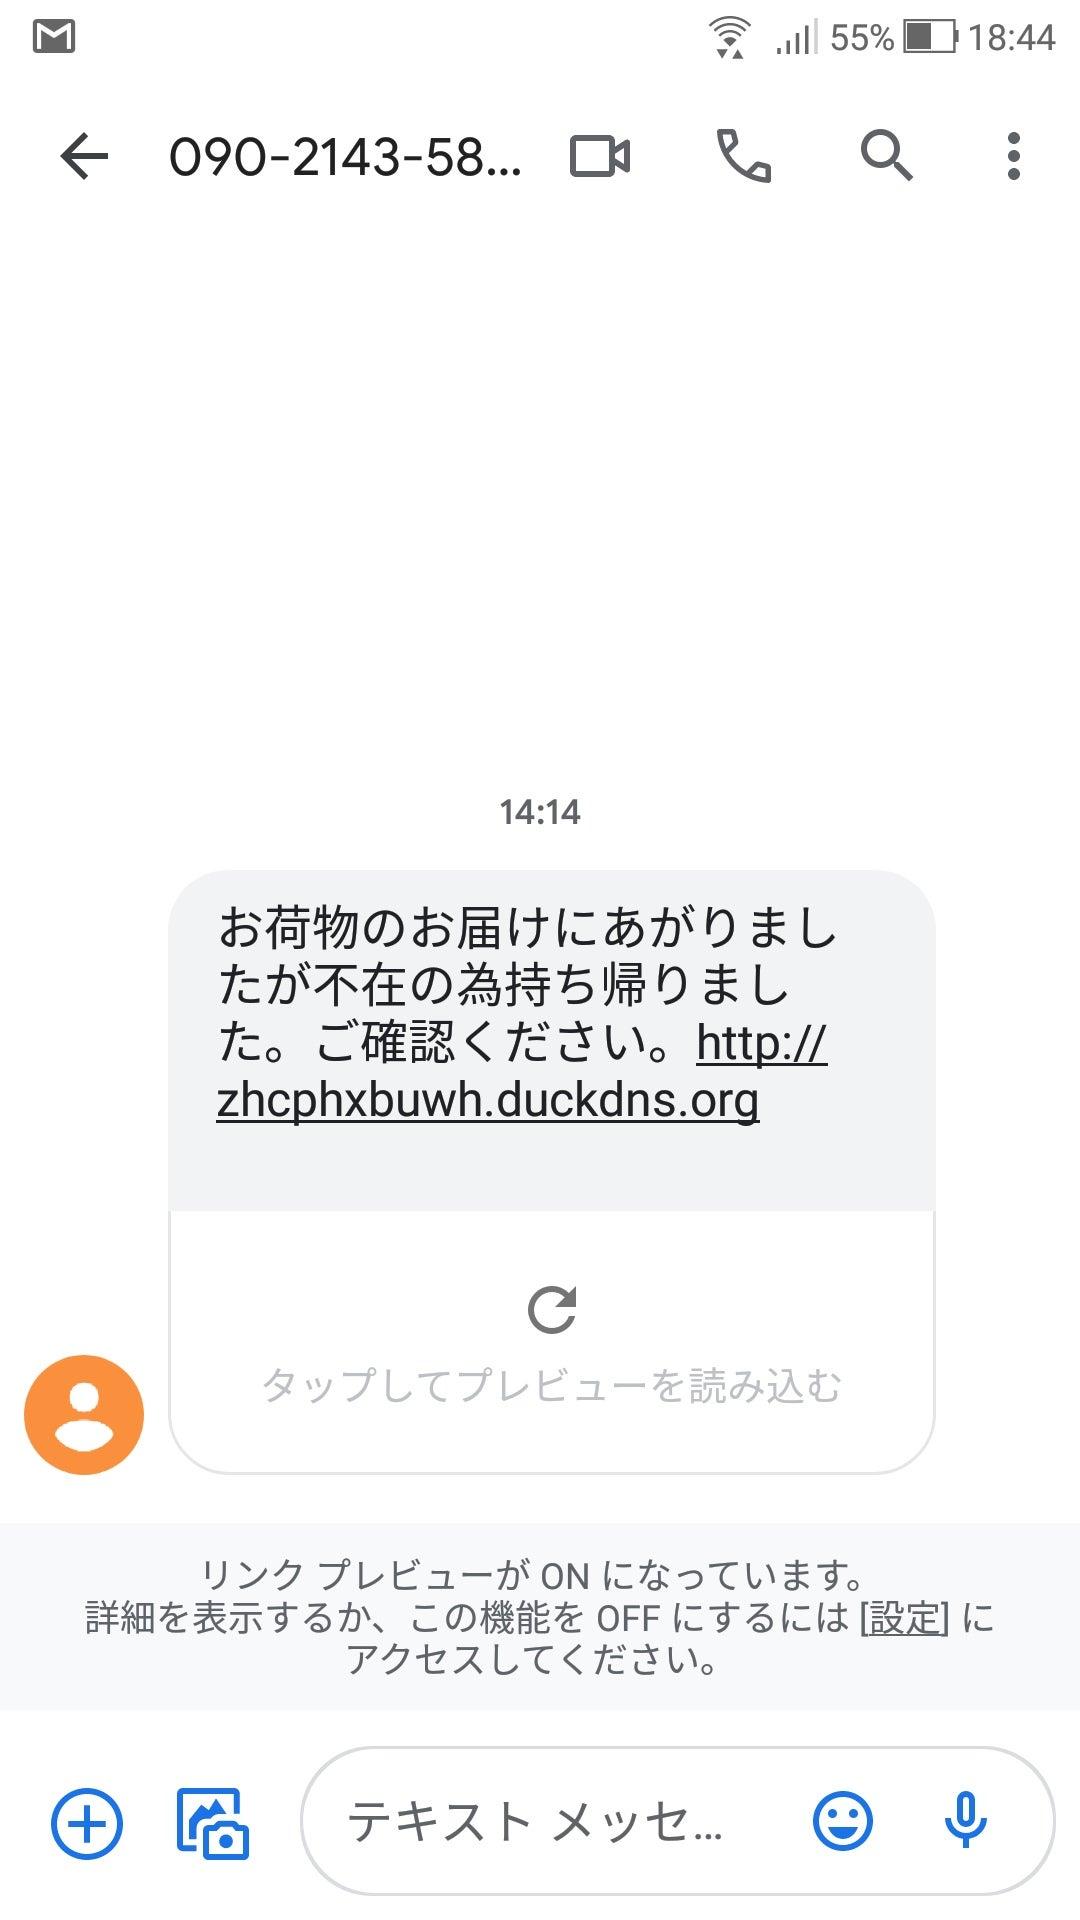 スパム Duckdns org